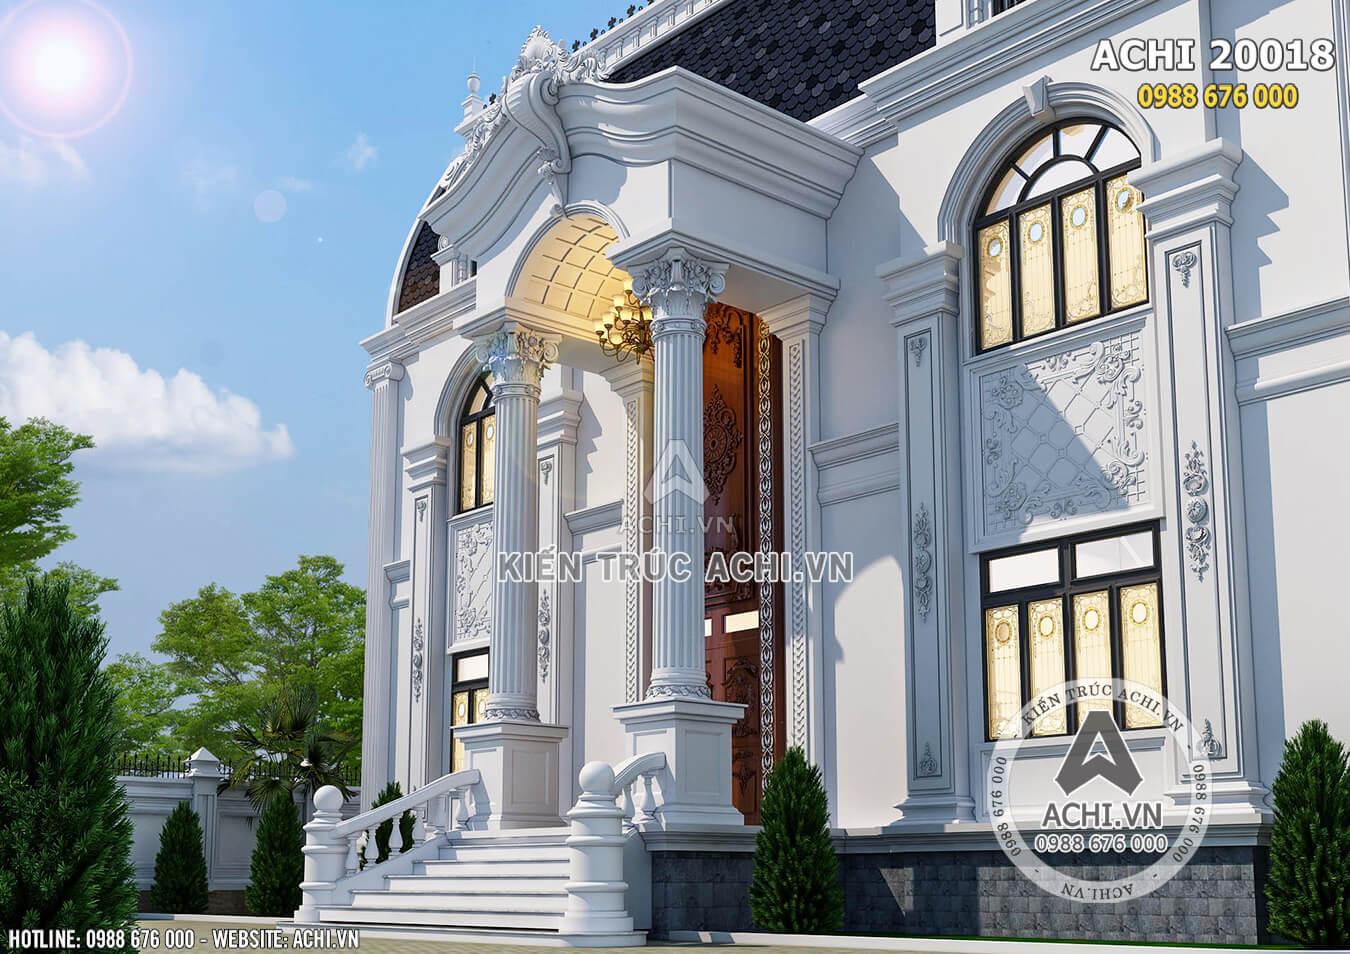 Chi tiết sảnh mẫu nhà 2 tầng đẹp sang trọng kiến trúc tân cổ điển